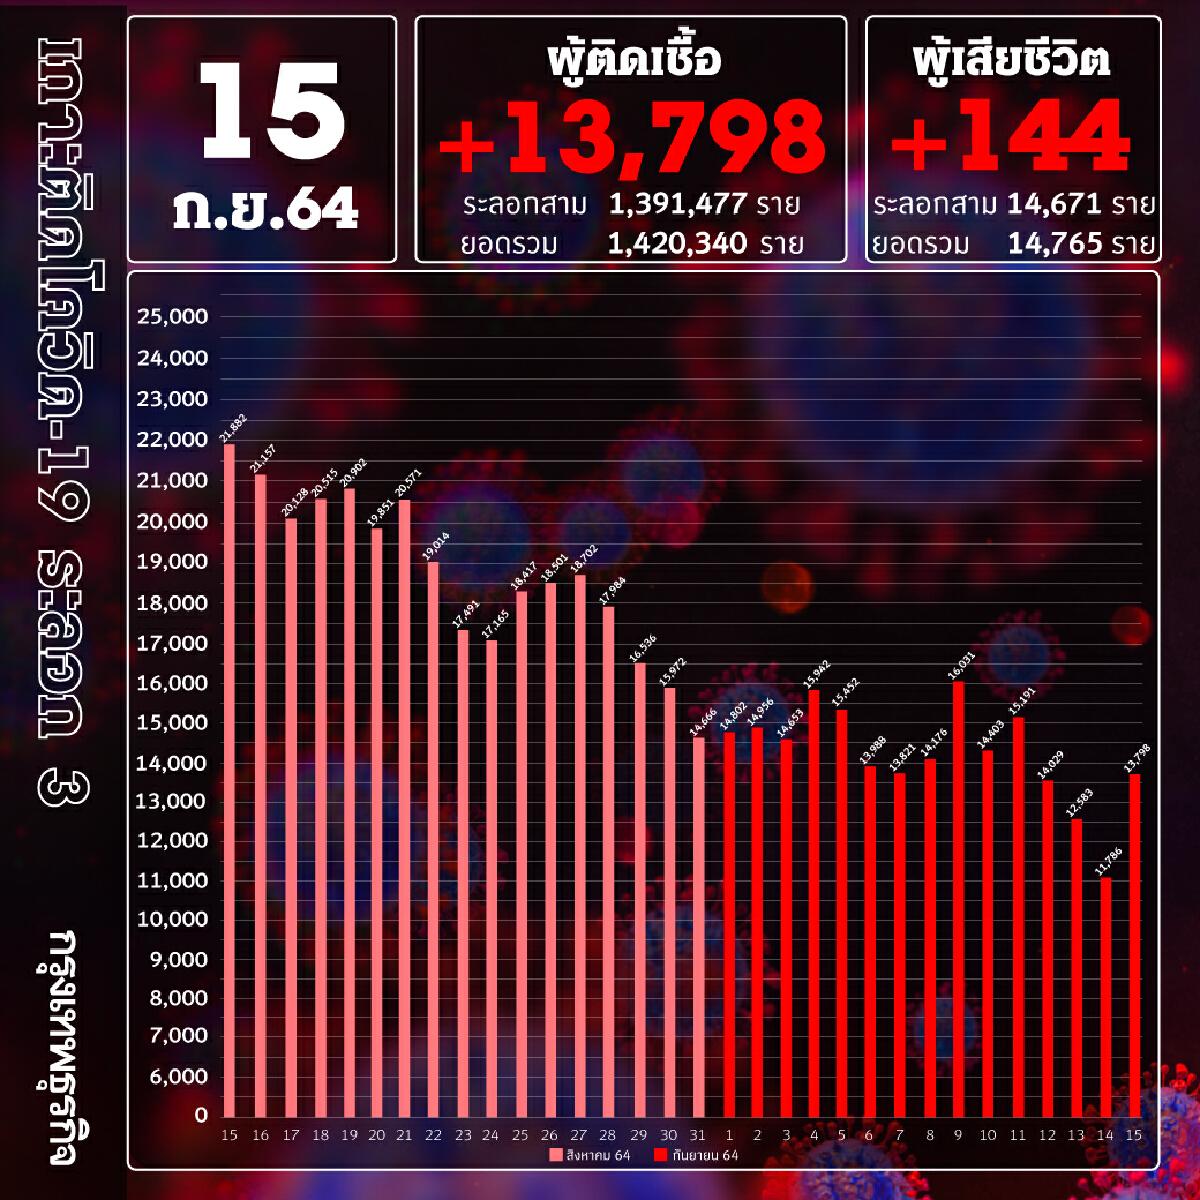 ยอด โควิด-19 วันนี้ ติดเชื้อเพิ่ม 13,798 ราย เสียชีวิต 144 ราย  ATK อีก 1,216 ราย